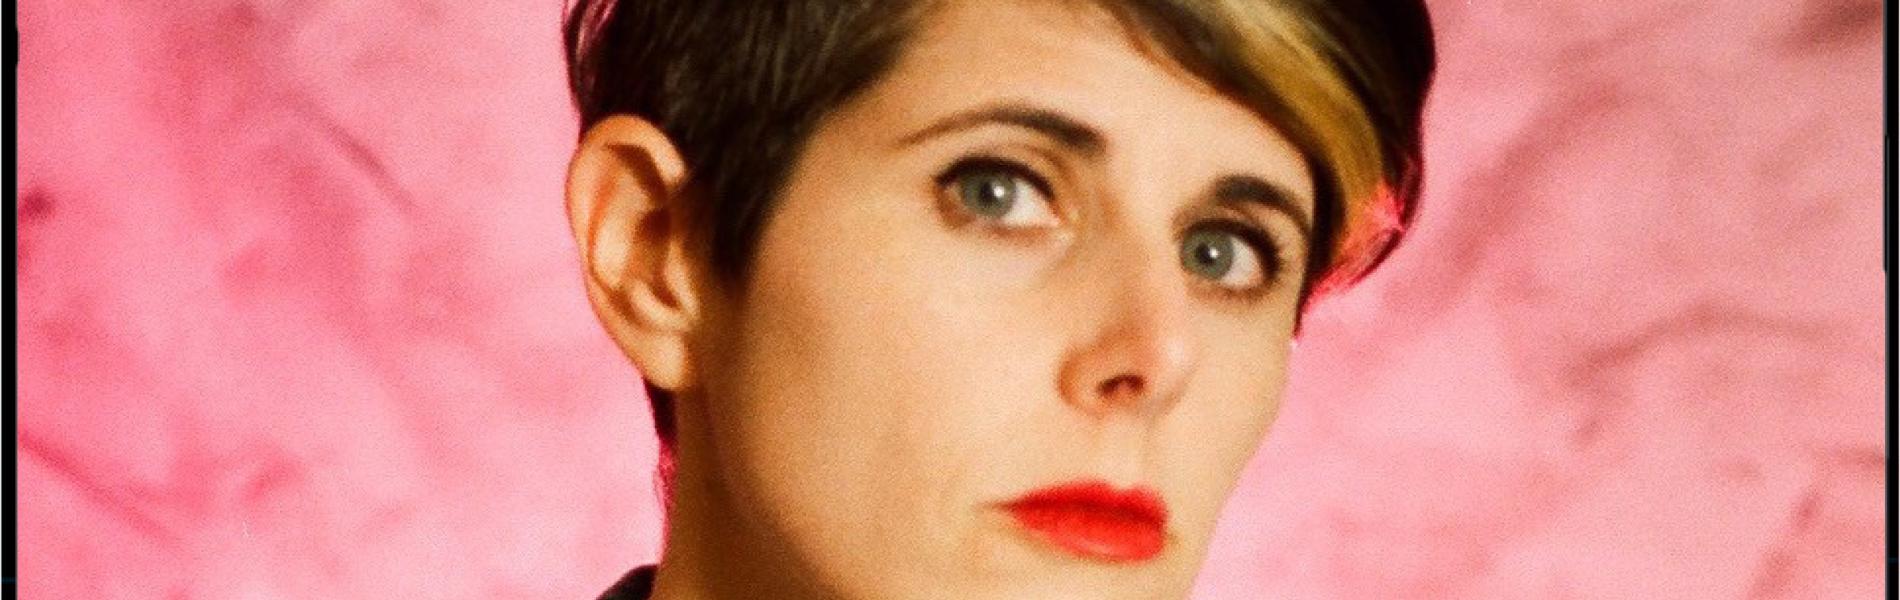 עדי שחם: מזמרת שכותבת למגירה למוזיקאית שיוצרת אלבום פופ פמיניסטי לבד בבית